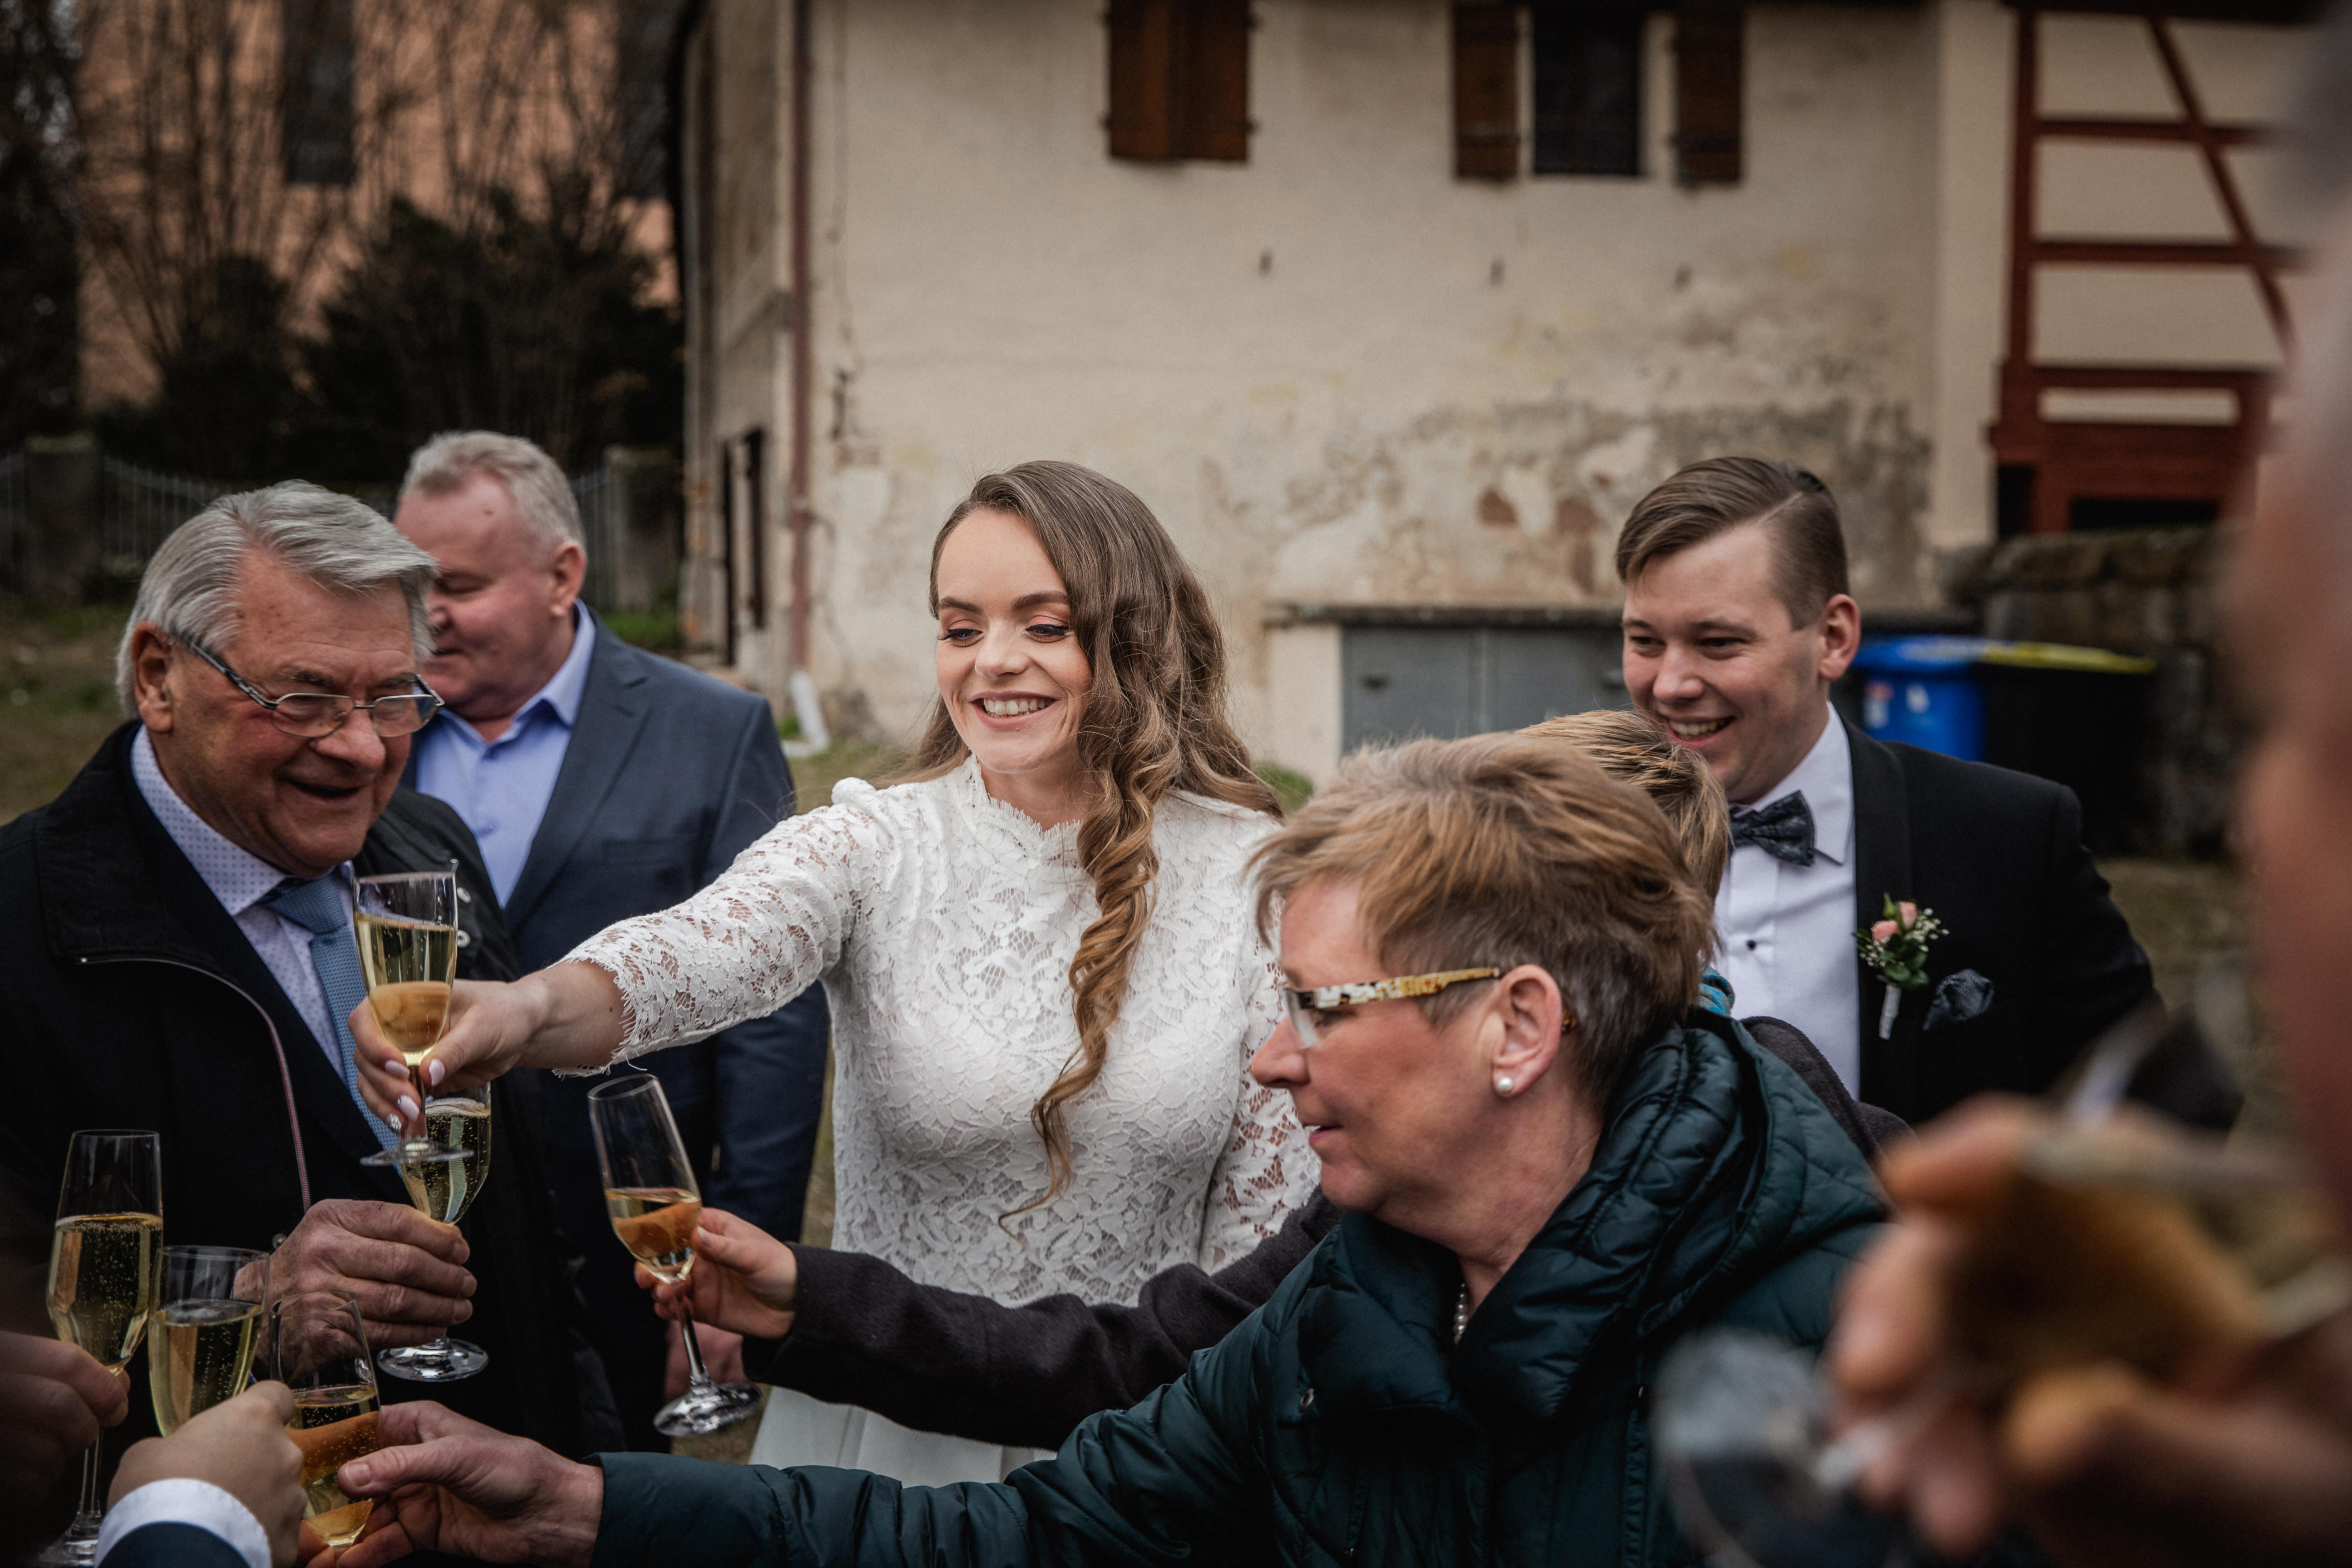 Hochzeitsfotograf-Grossgruendlach-Standesamt-Hallerschloss-Urbanerie-Stazija-und-Michael-060